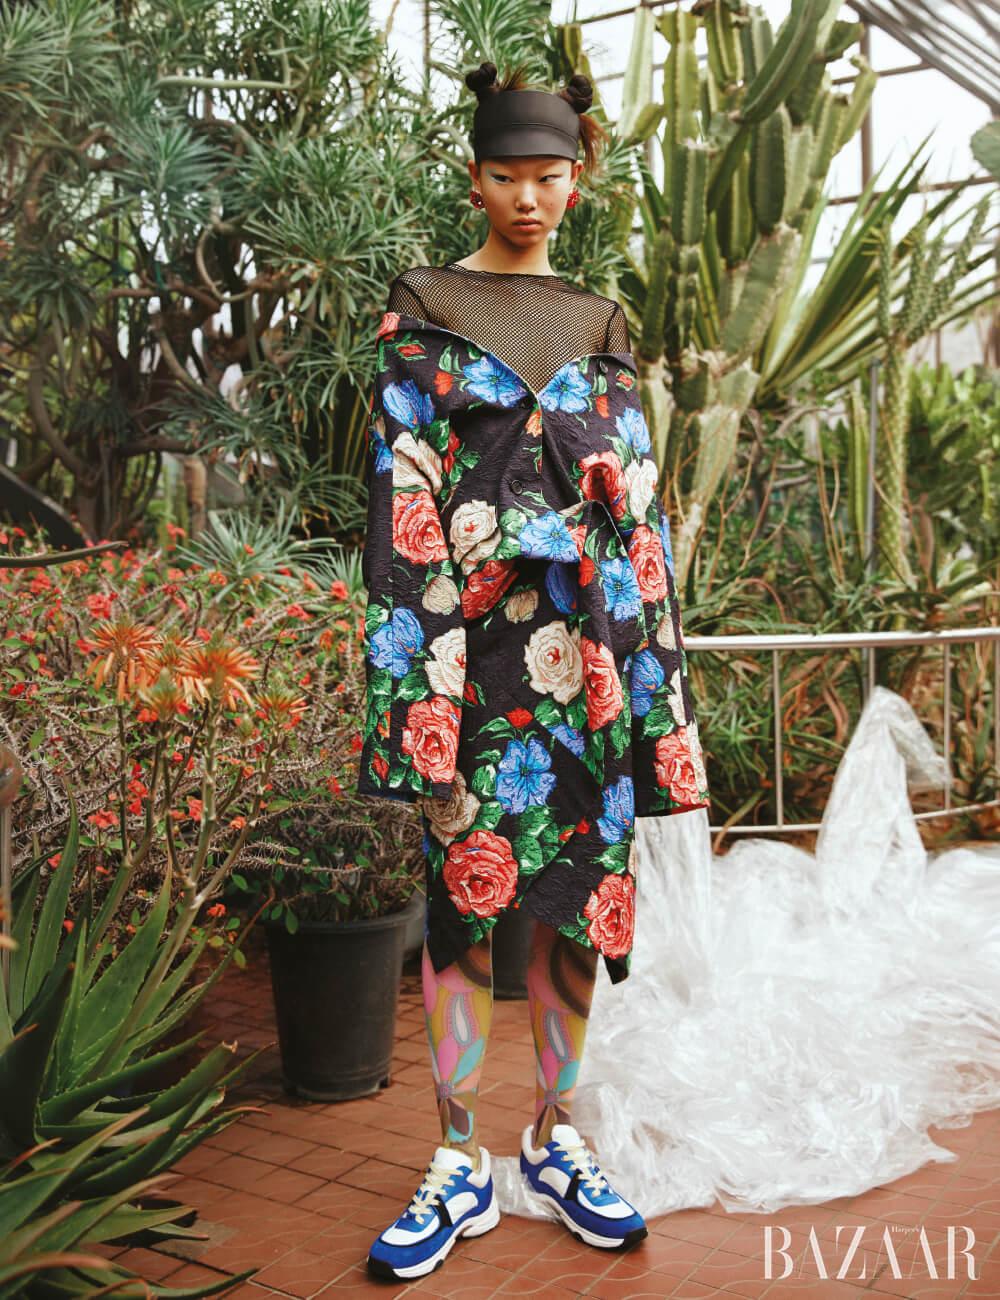 코트는 2백65만원 Nina Ricci, 메시 톱은 Zara, 귀고리는 4만5천원 Getmebling, 스니커즈는 Chanel, 모자와 스타킹은 스타일리스트 소장품.